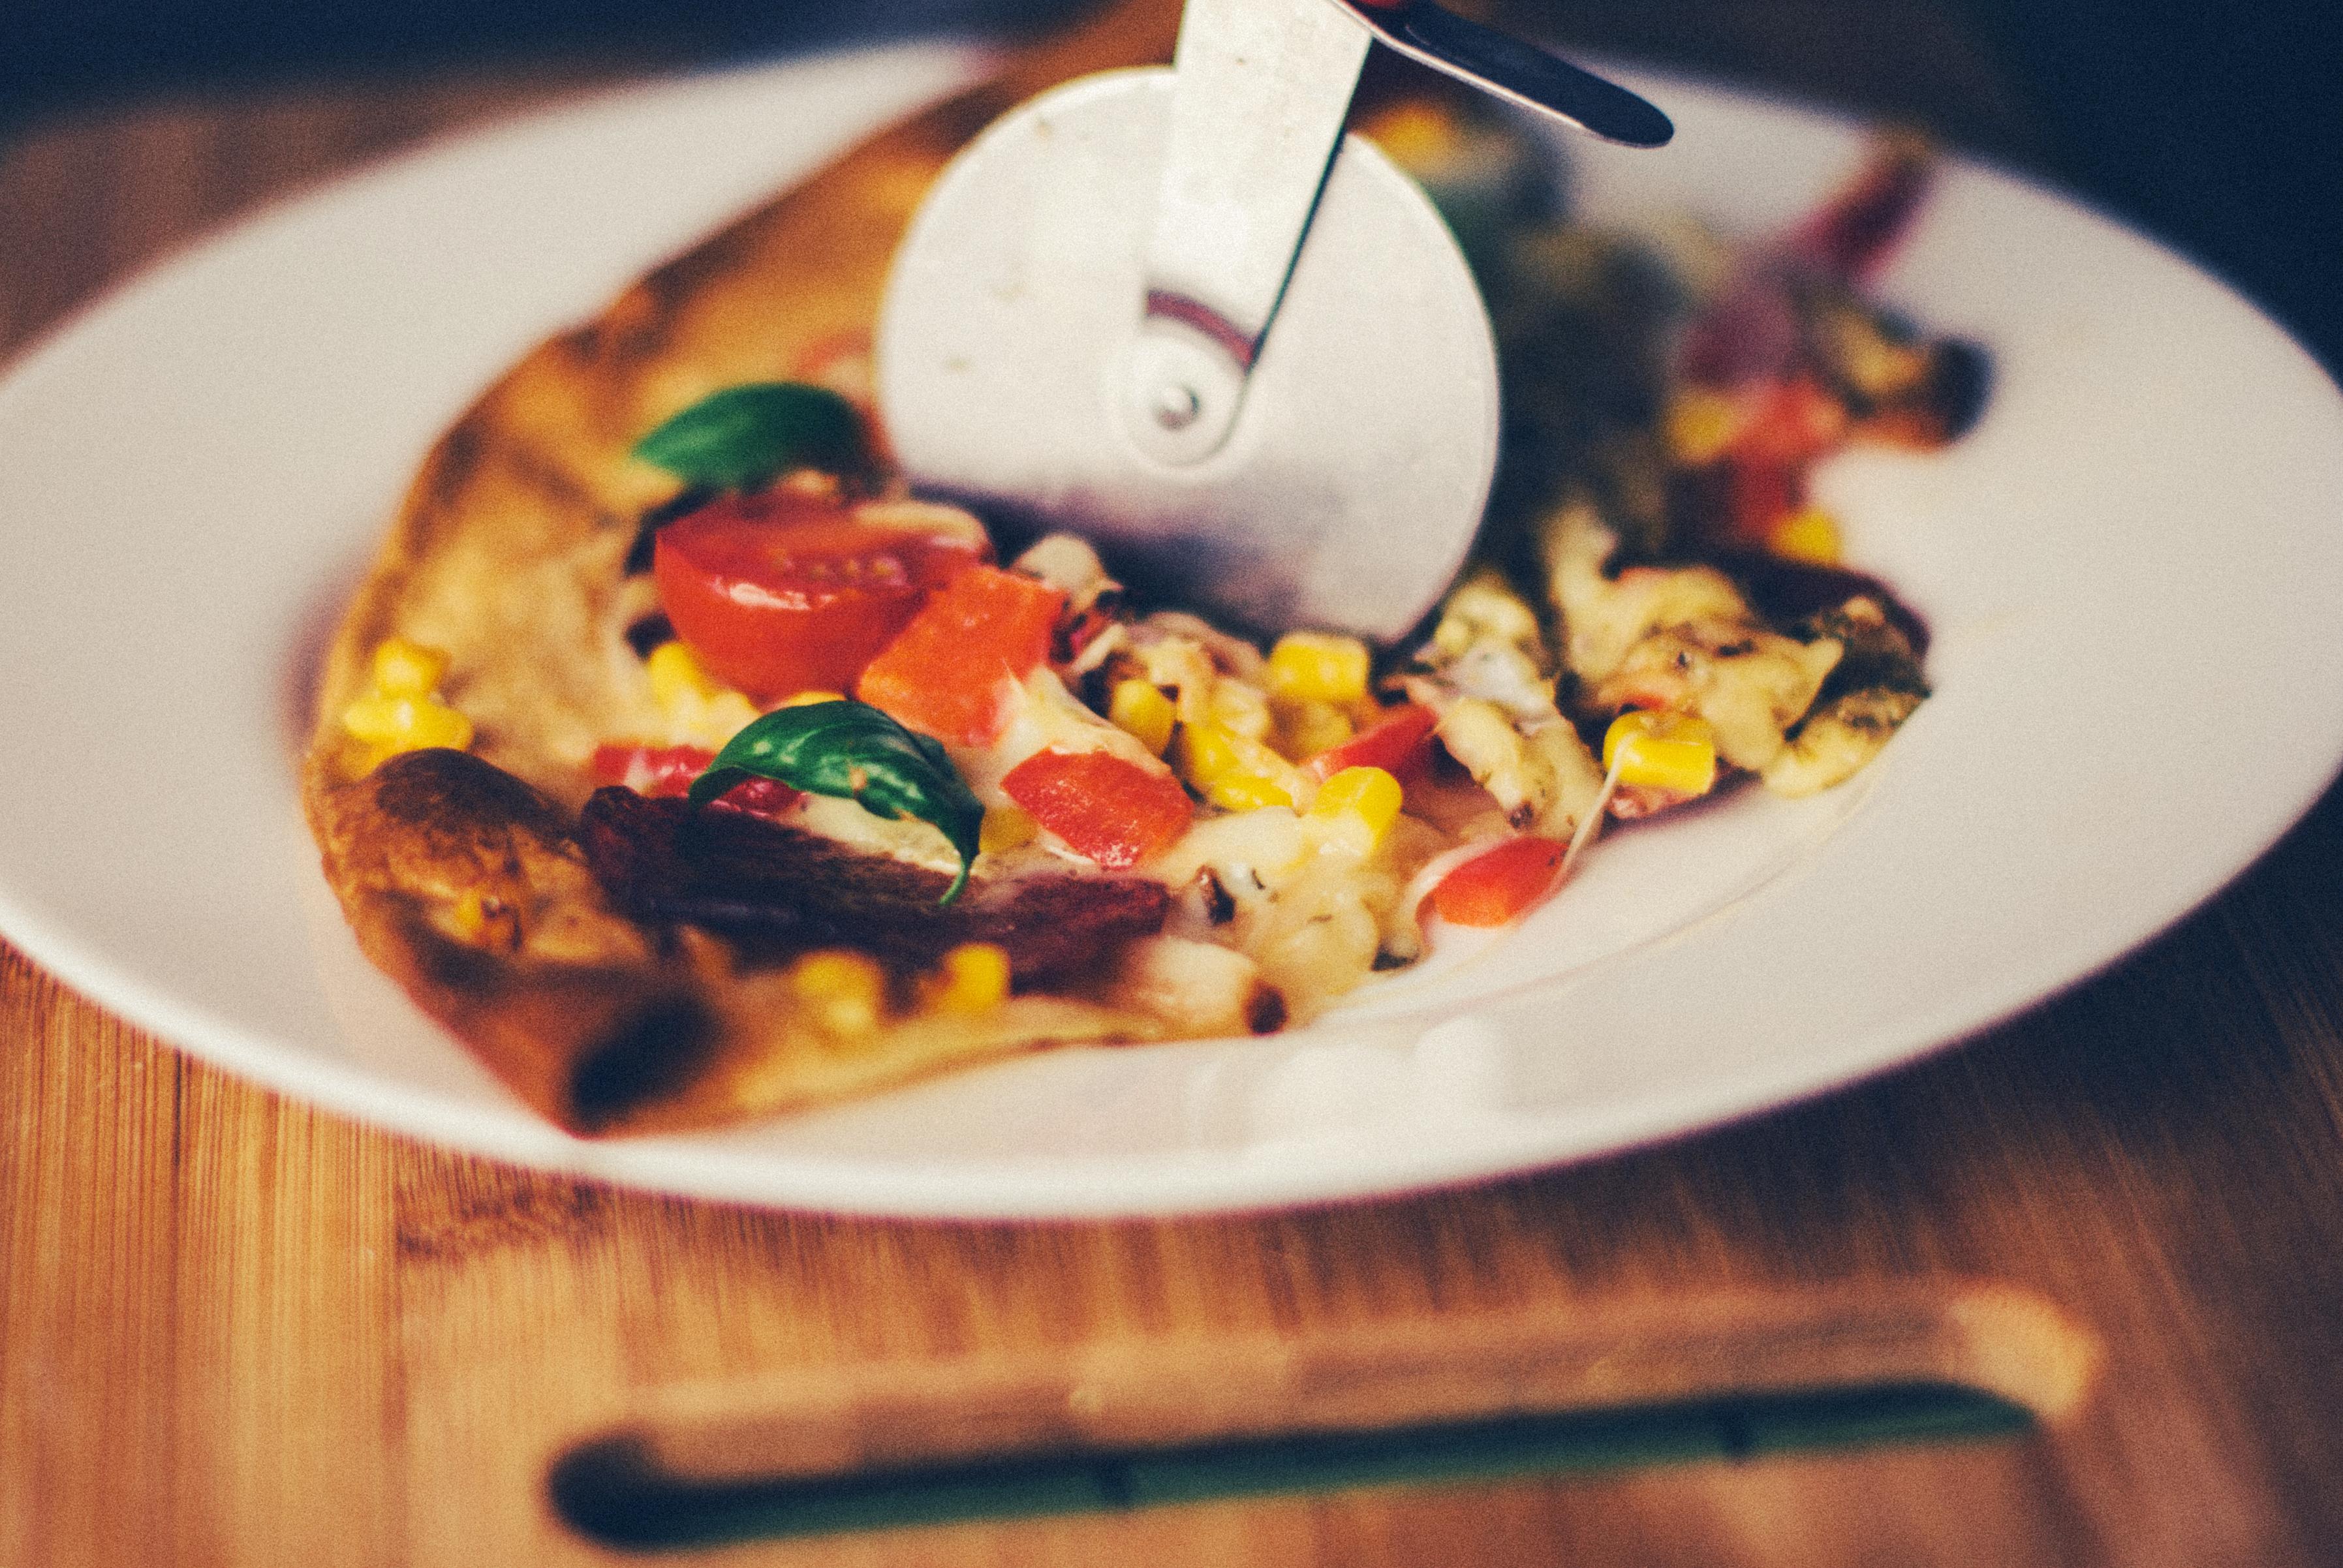 food-pizza-slice-fast-food